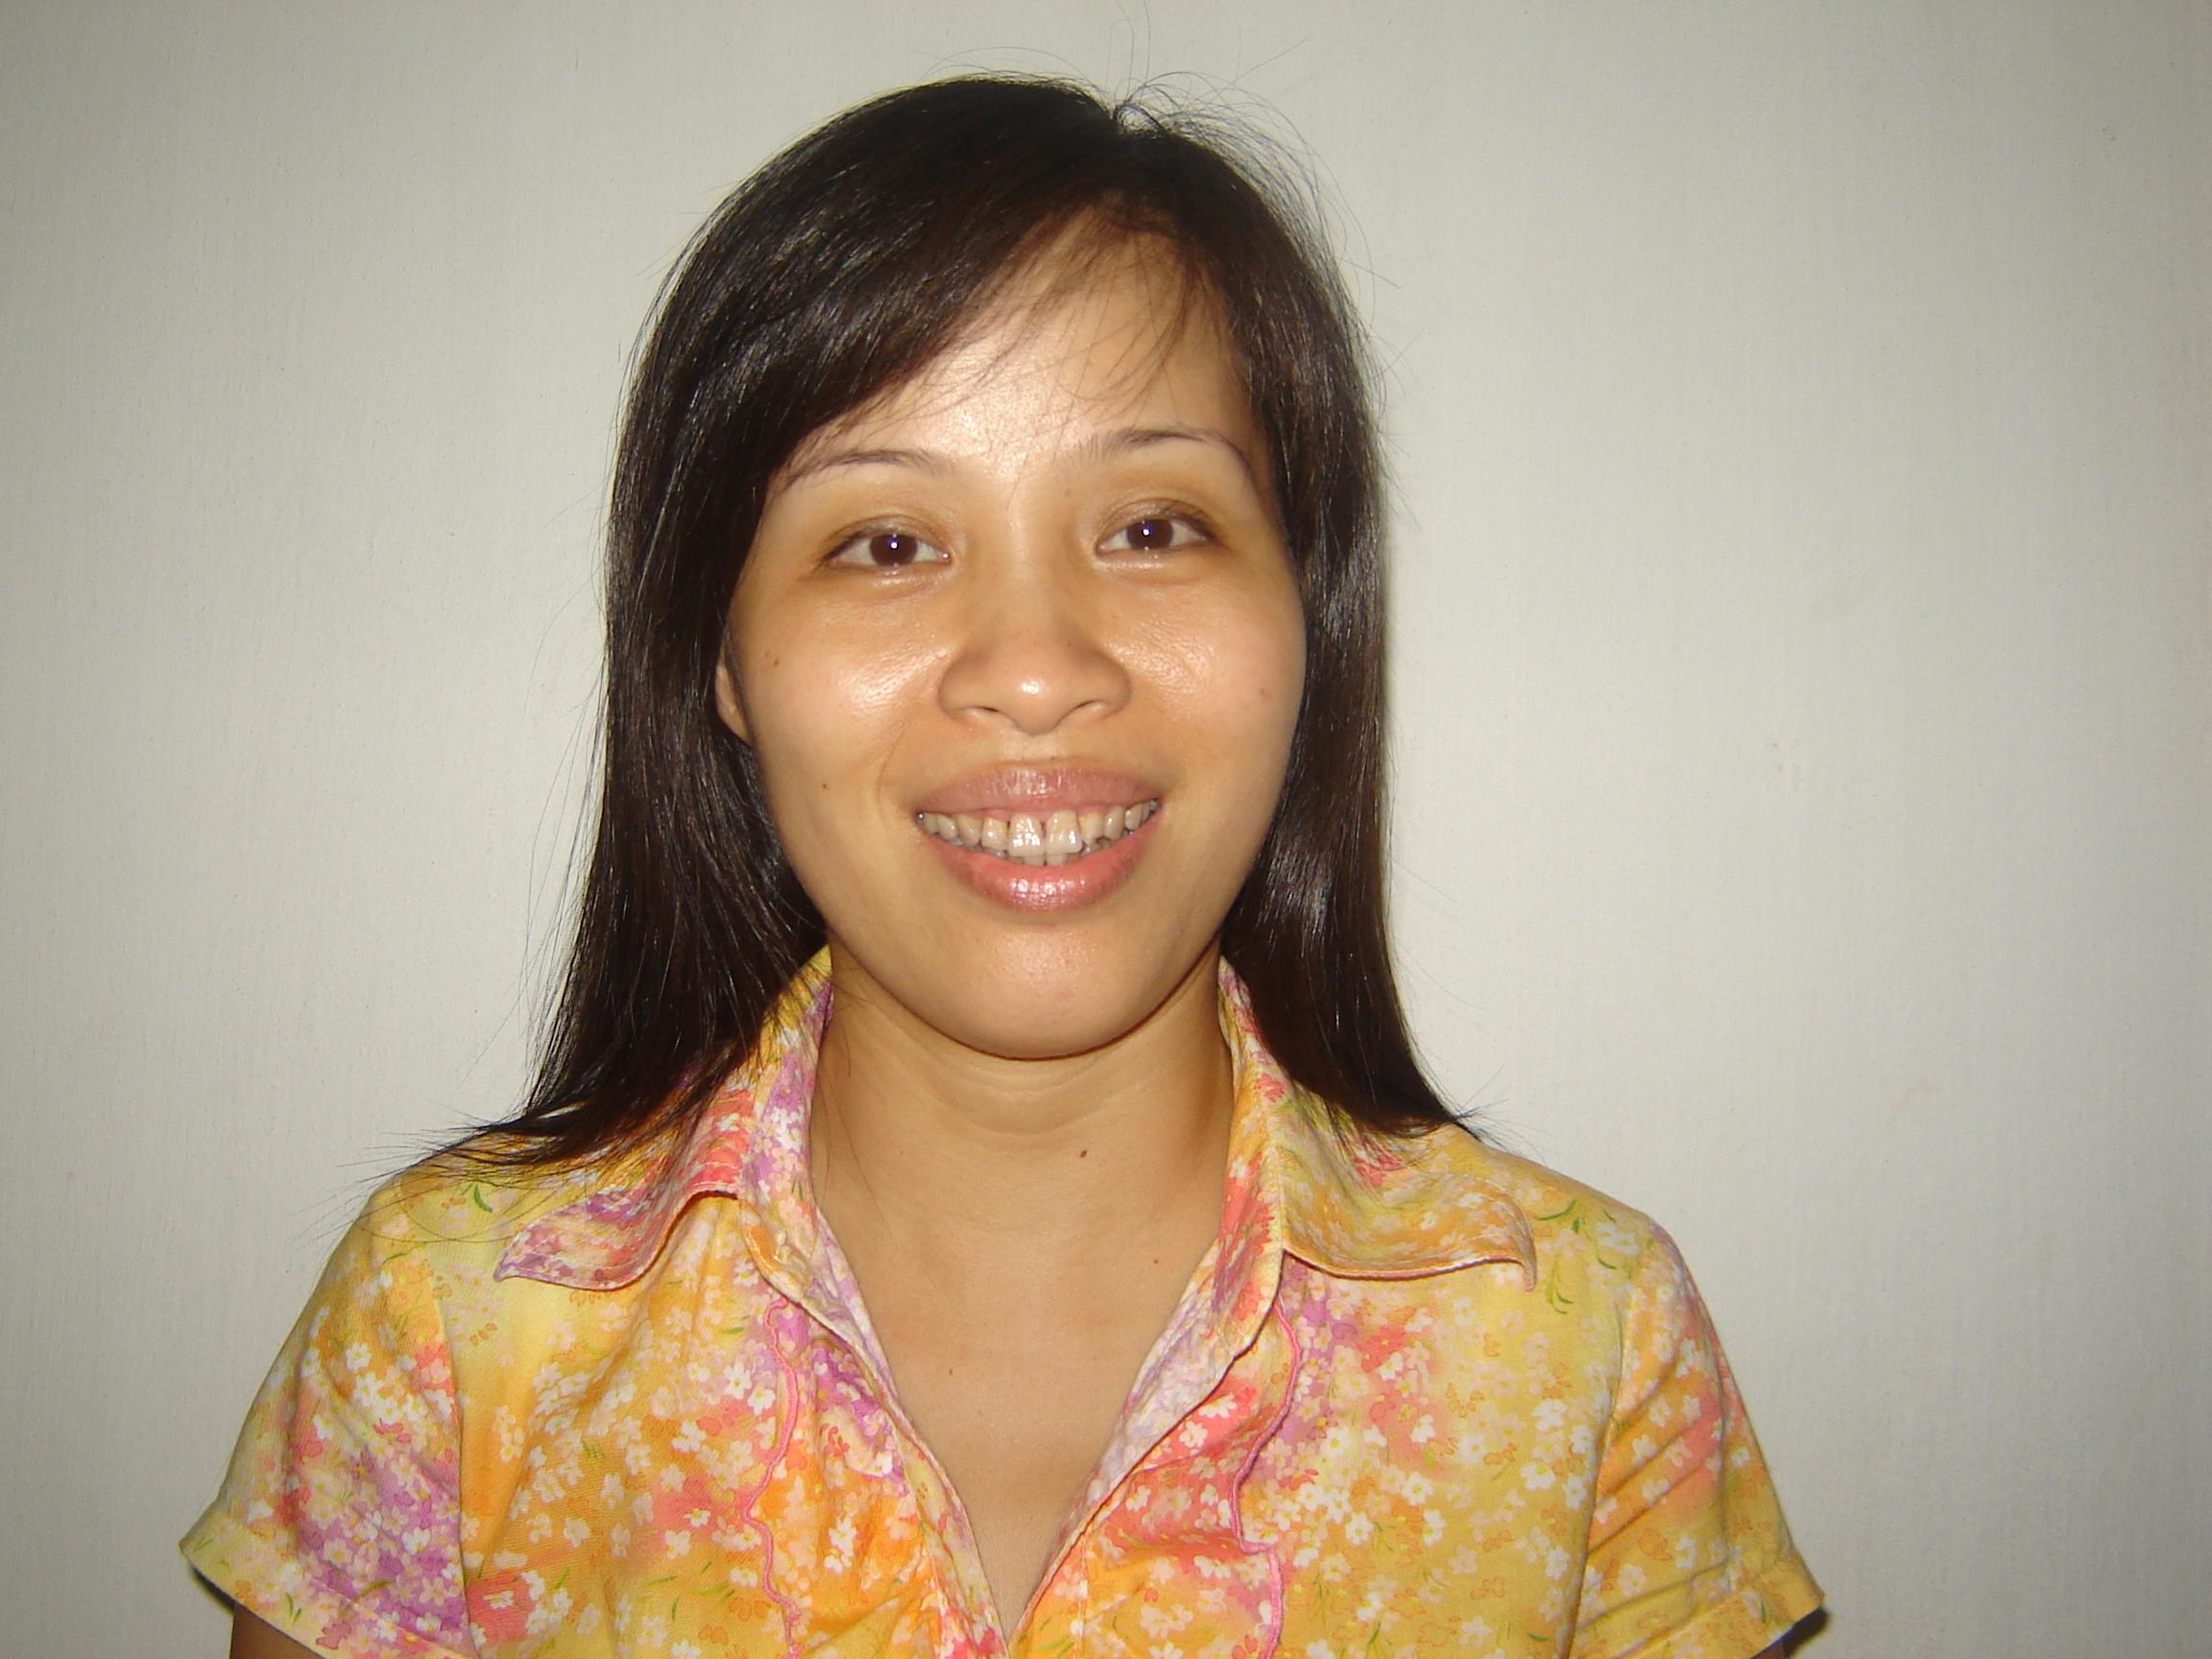 Chị Bạch Hà  - Hà Nội